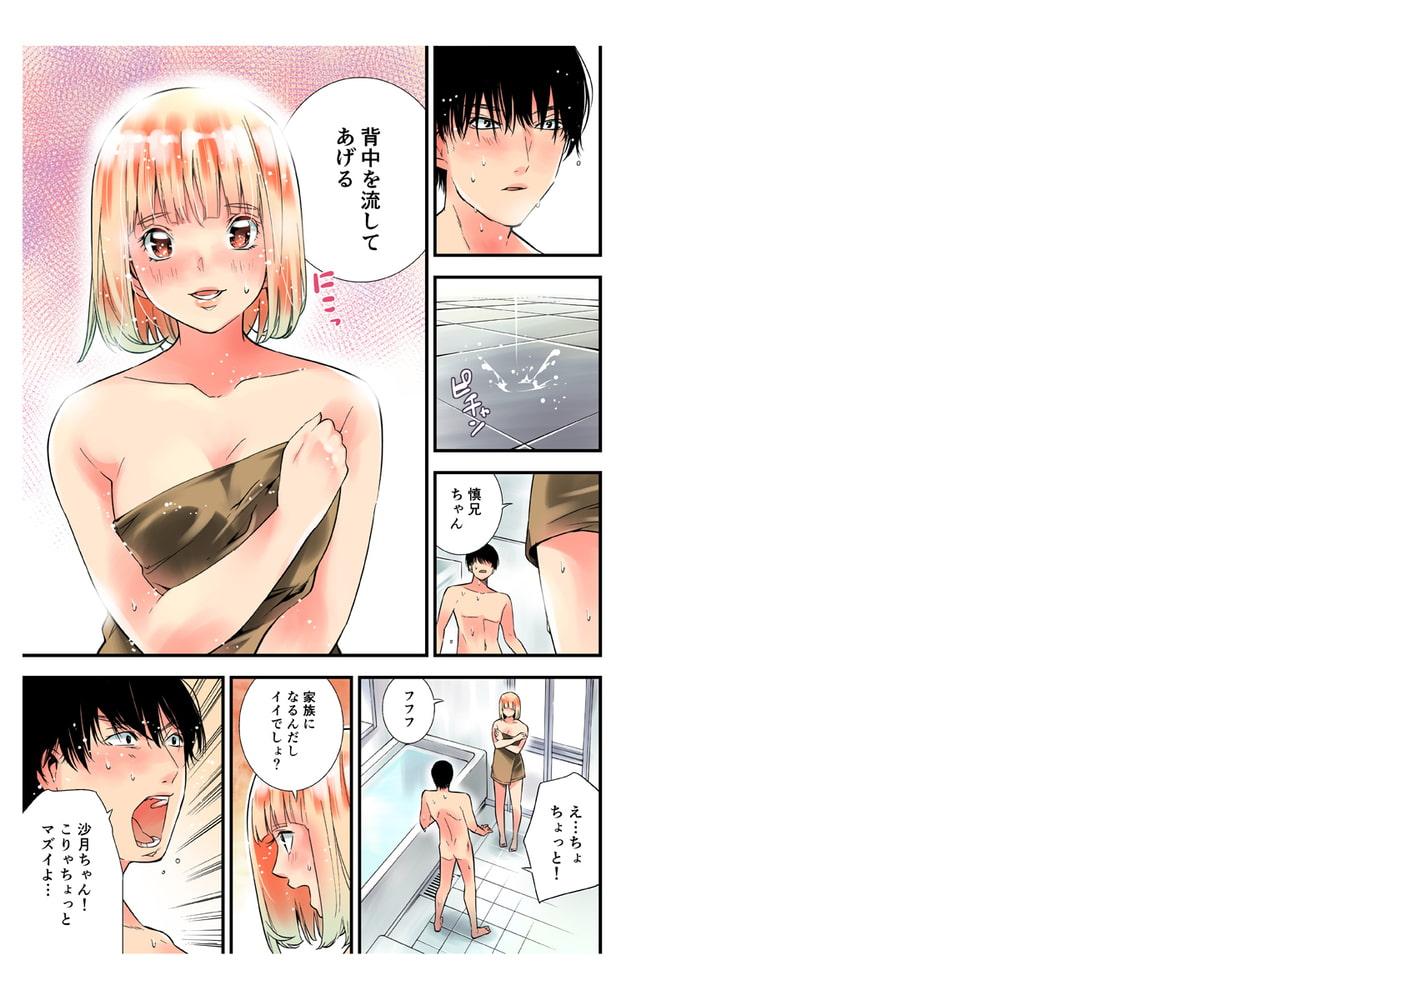 だめぇ…お姉ちゃんの彼氏なのに!~一緒にお風呂に入ったせいで~ 3巻